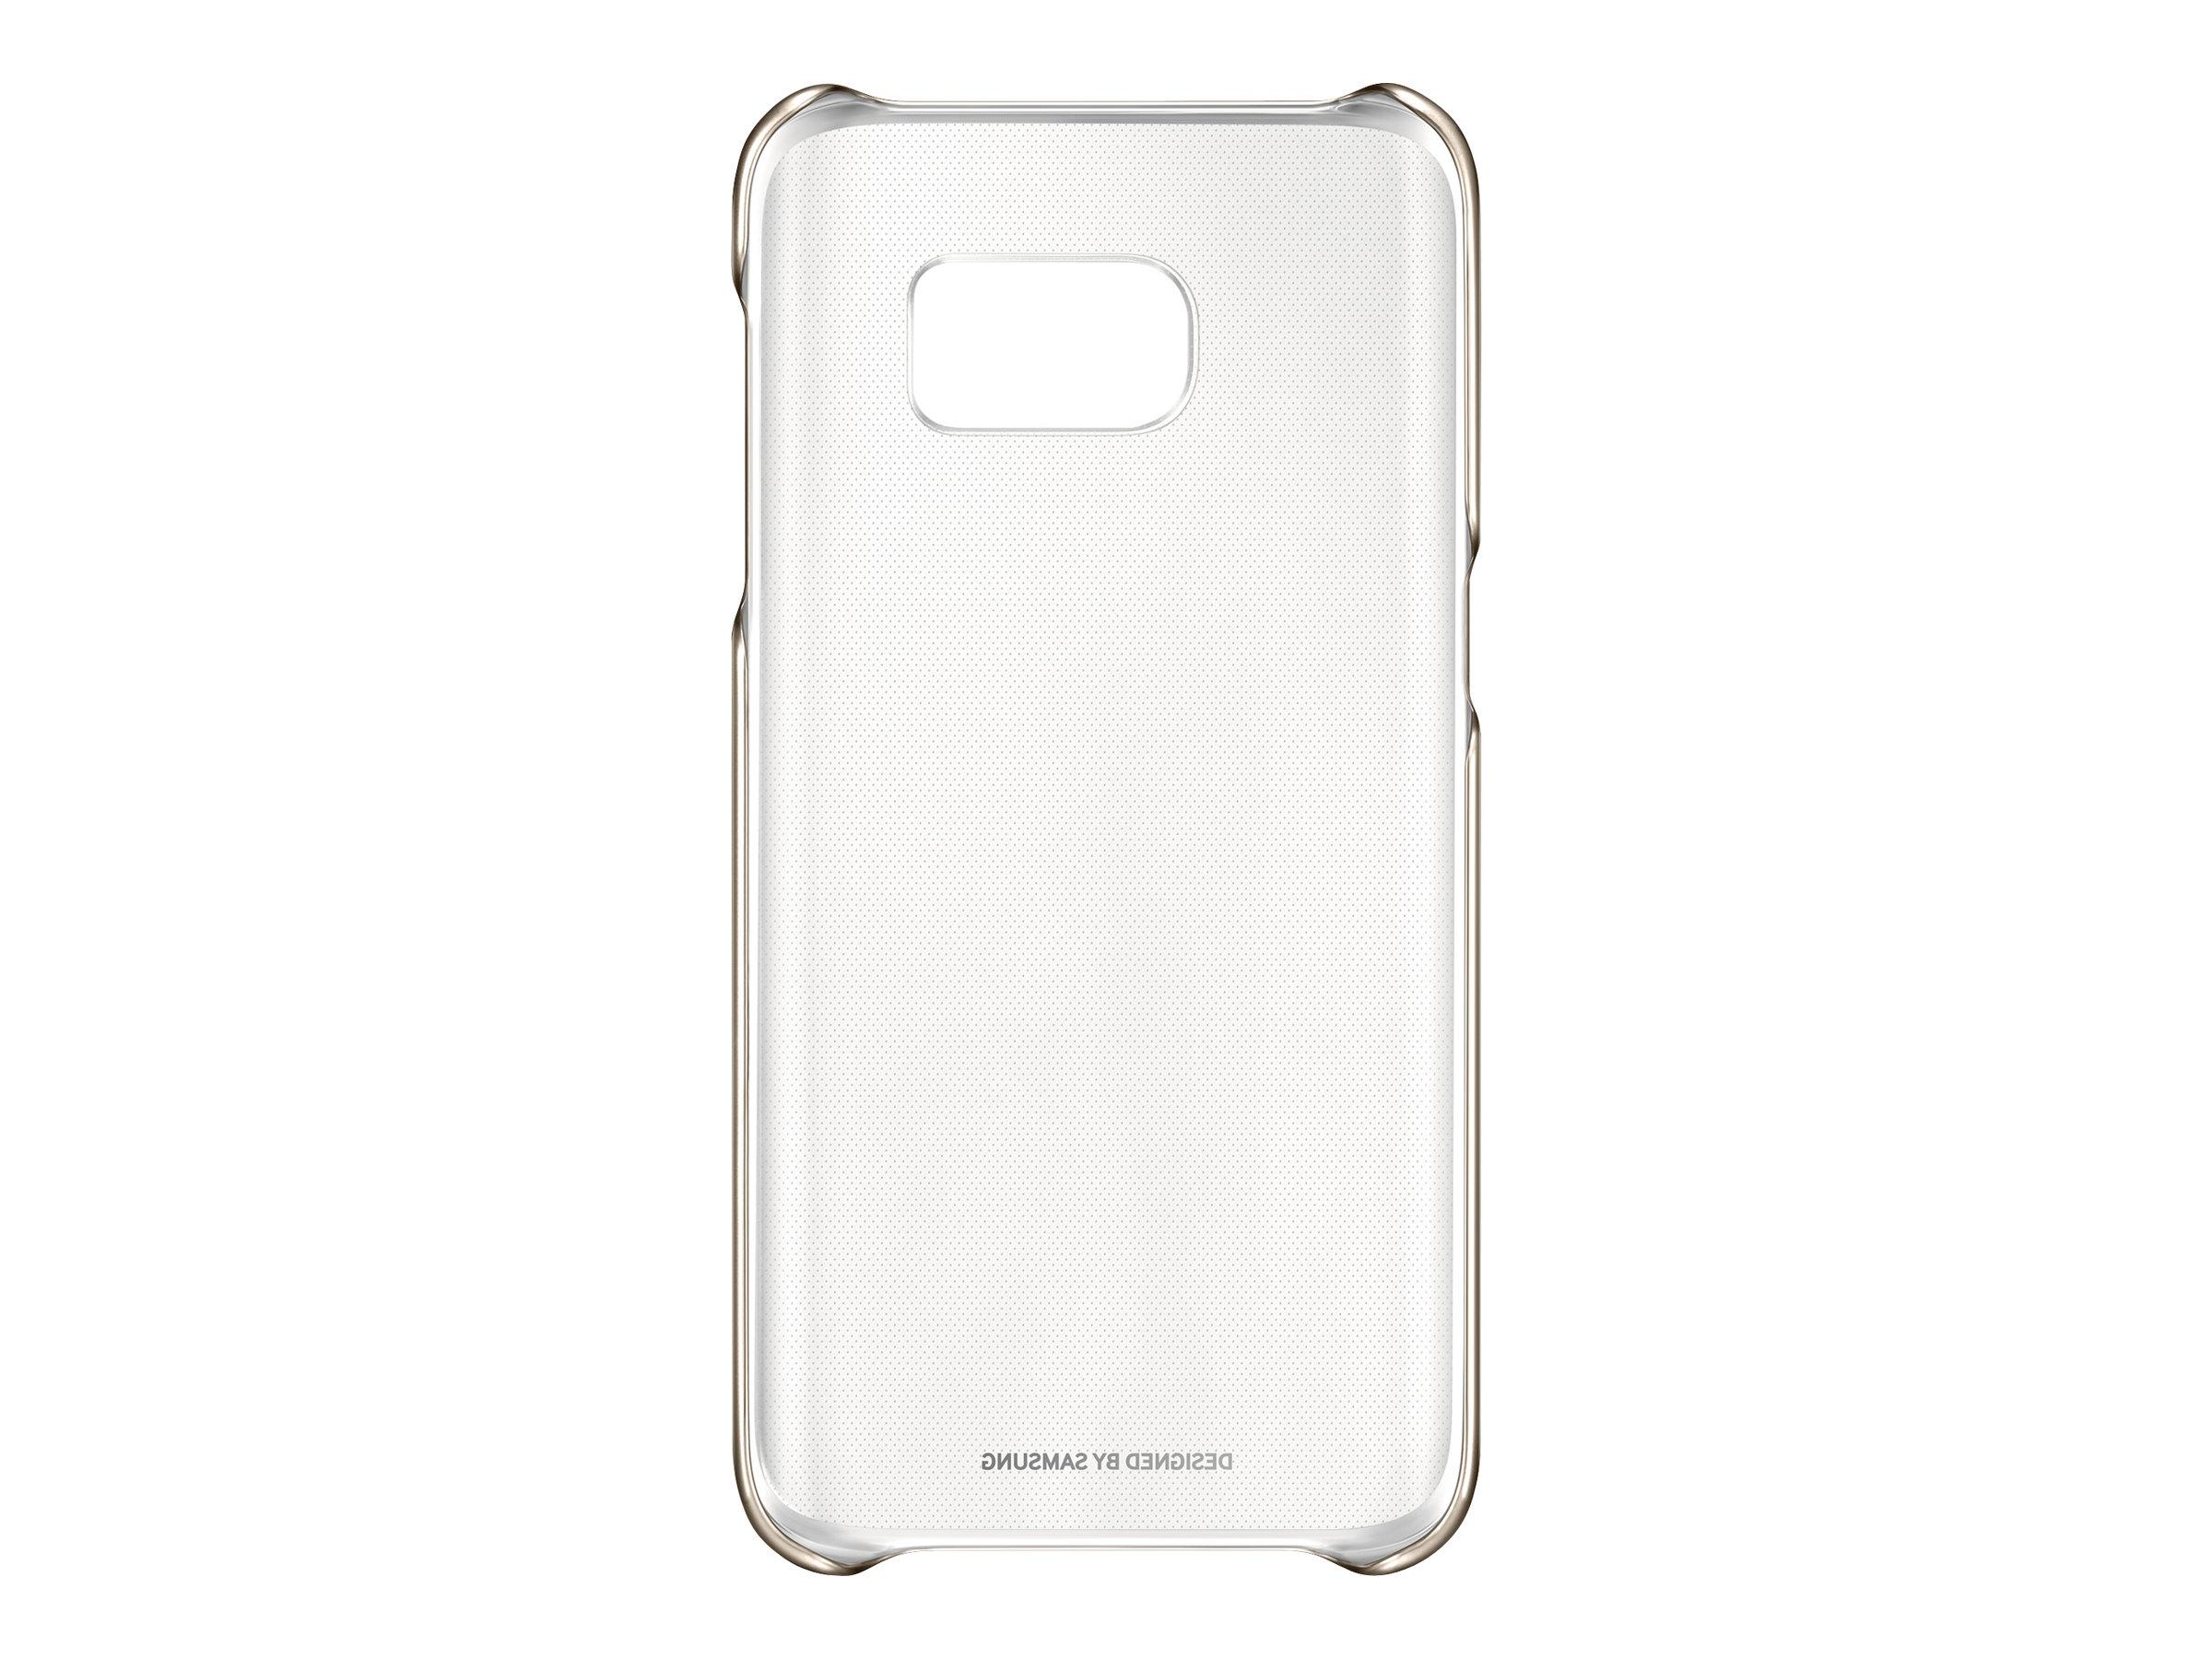 Samsung Clear Cover EF-QG930 - Coque de protection pour Galaxy S7 - différents coloris